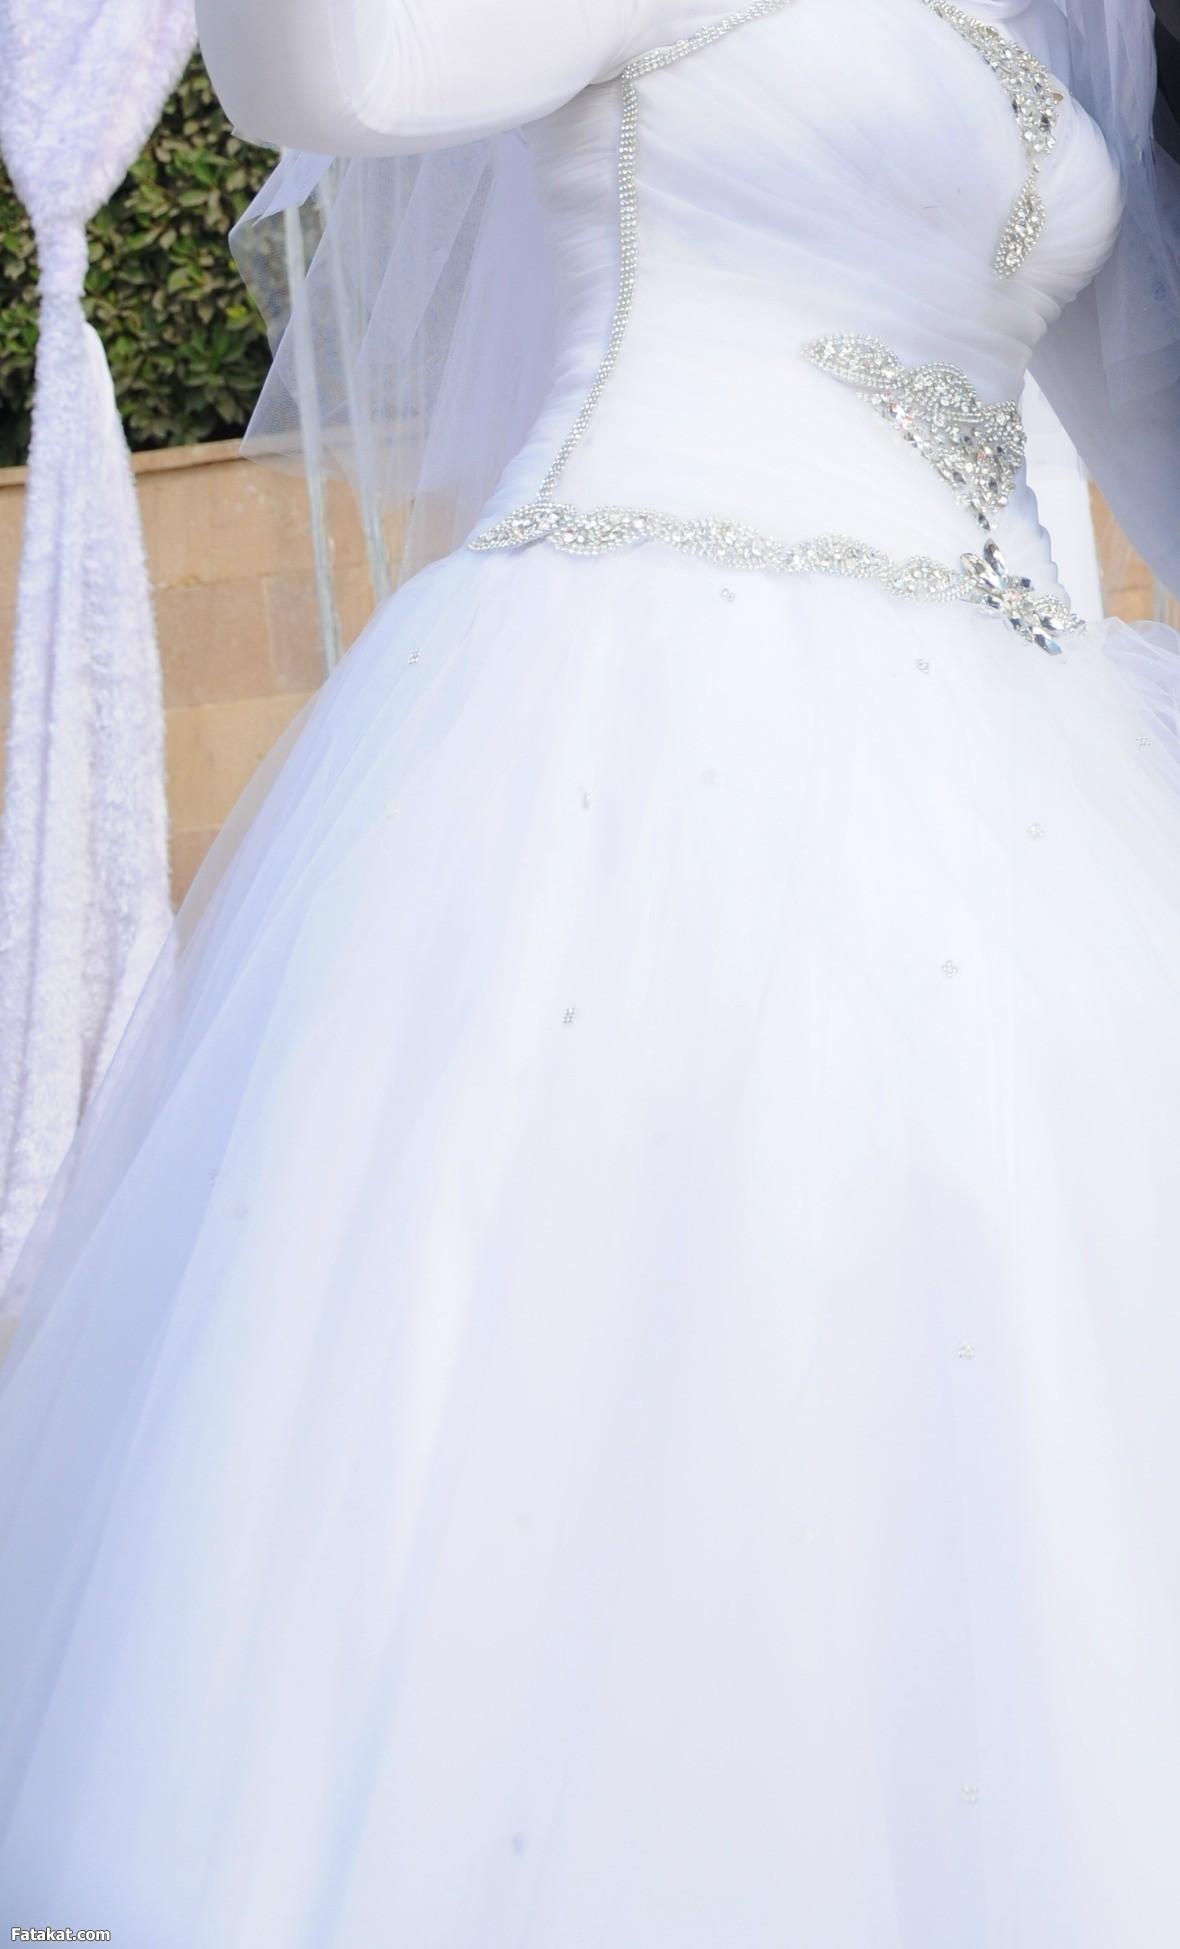 صور فساتين زفاف سندريلا 2014 , صور موديلات فساتين افراح سندريلا 2014 , صور فساتين اعراس سندريلا 201